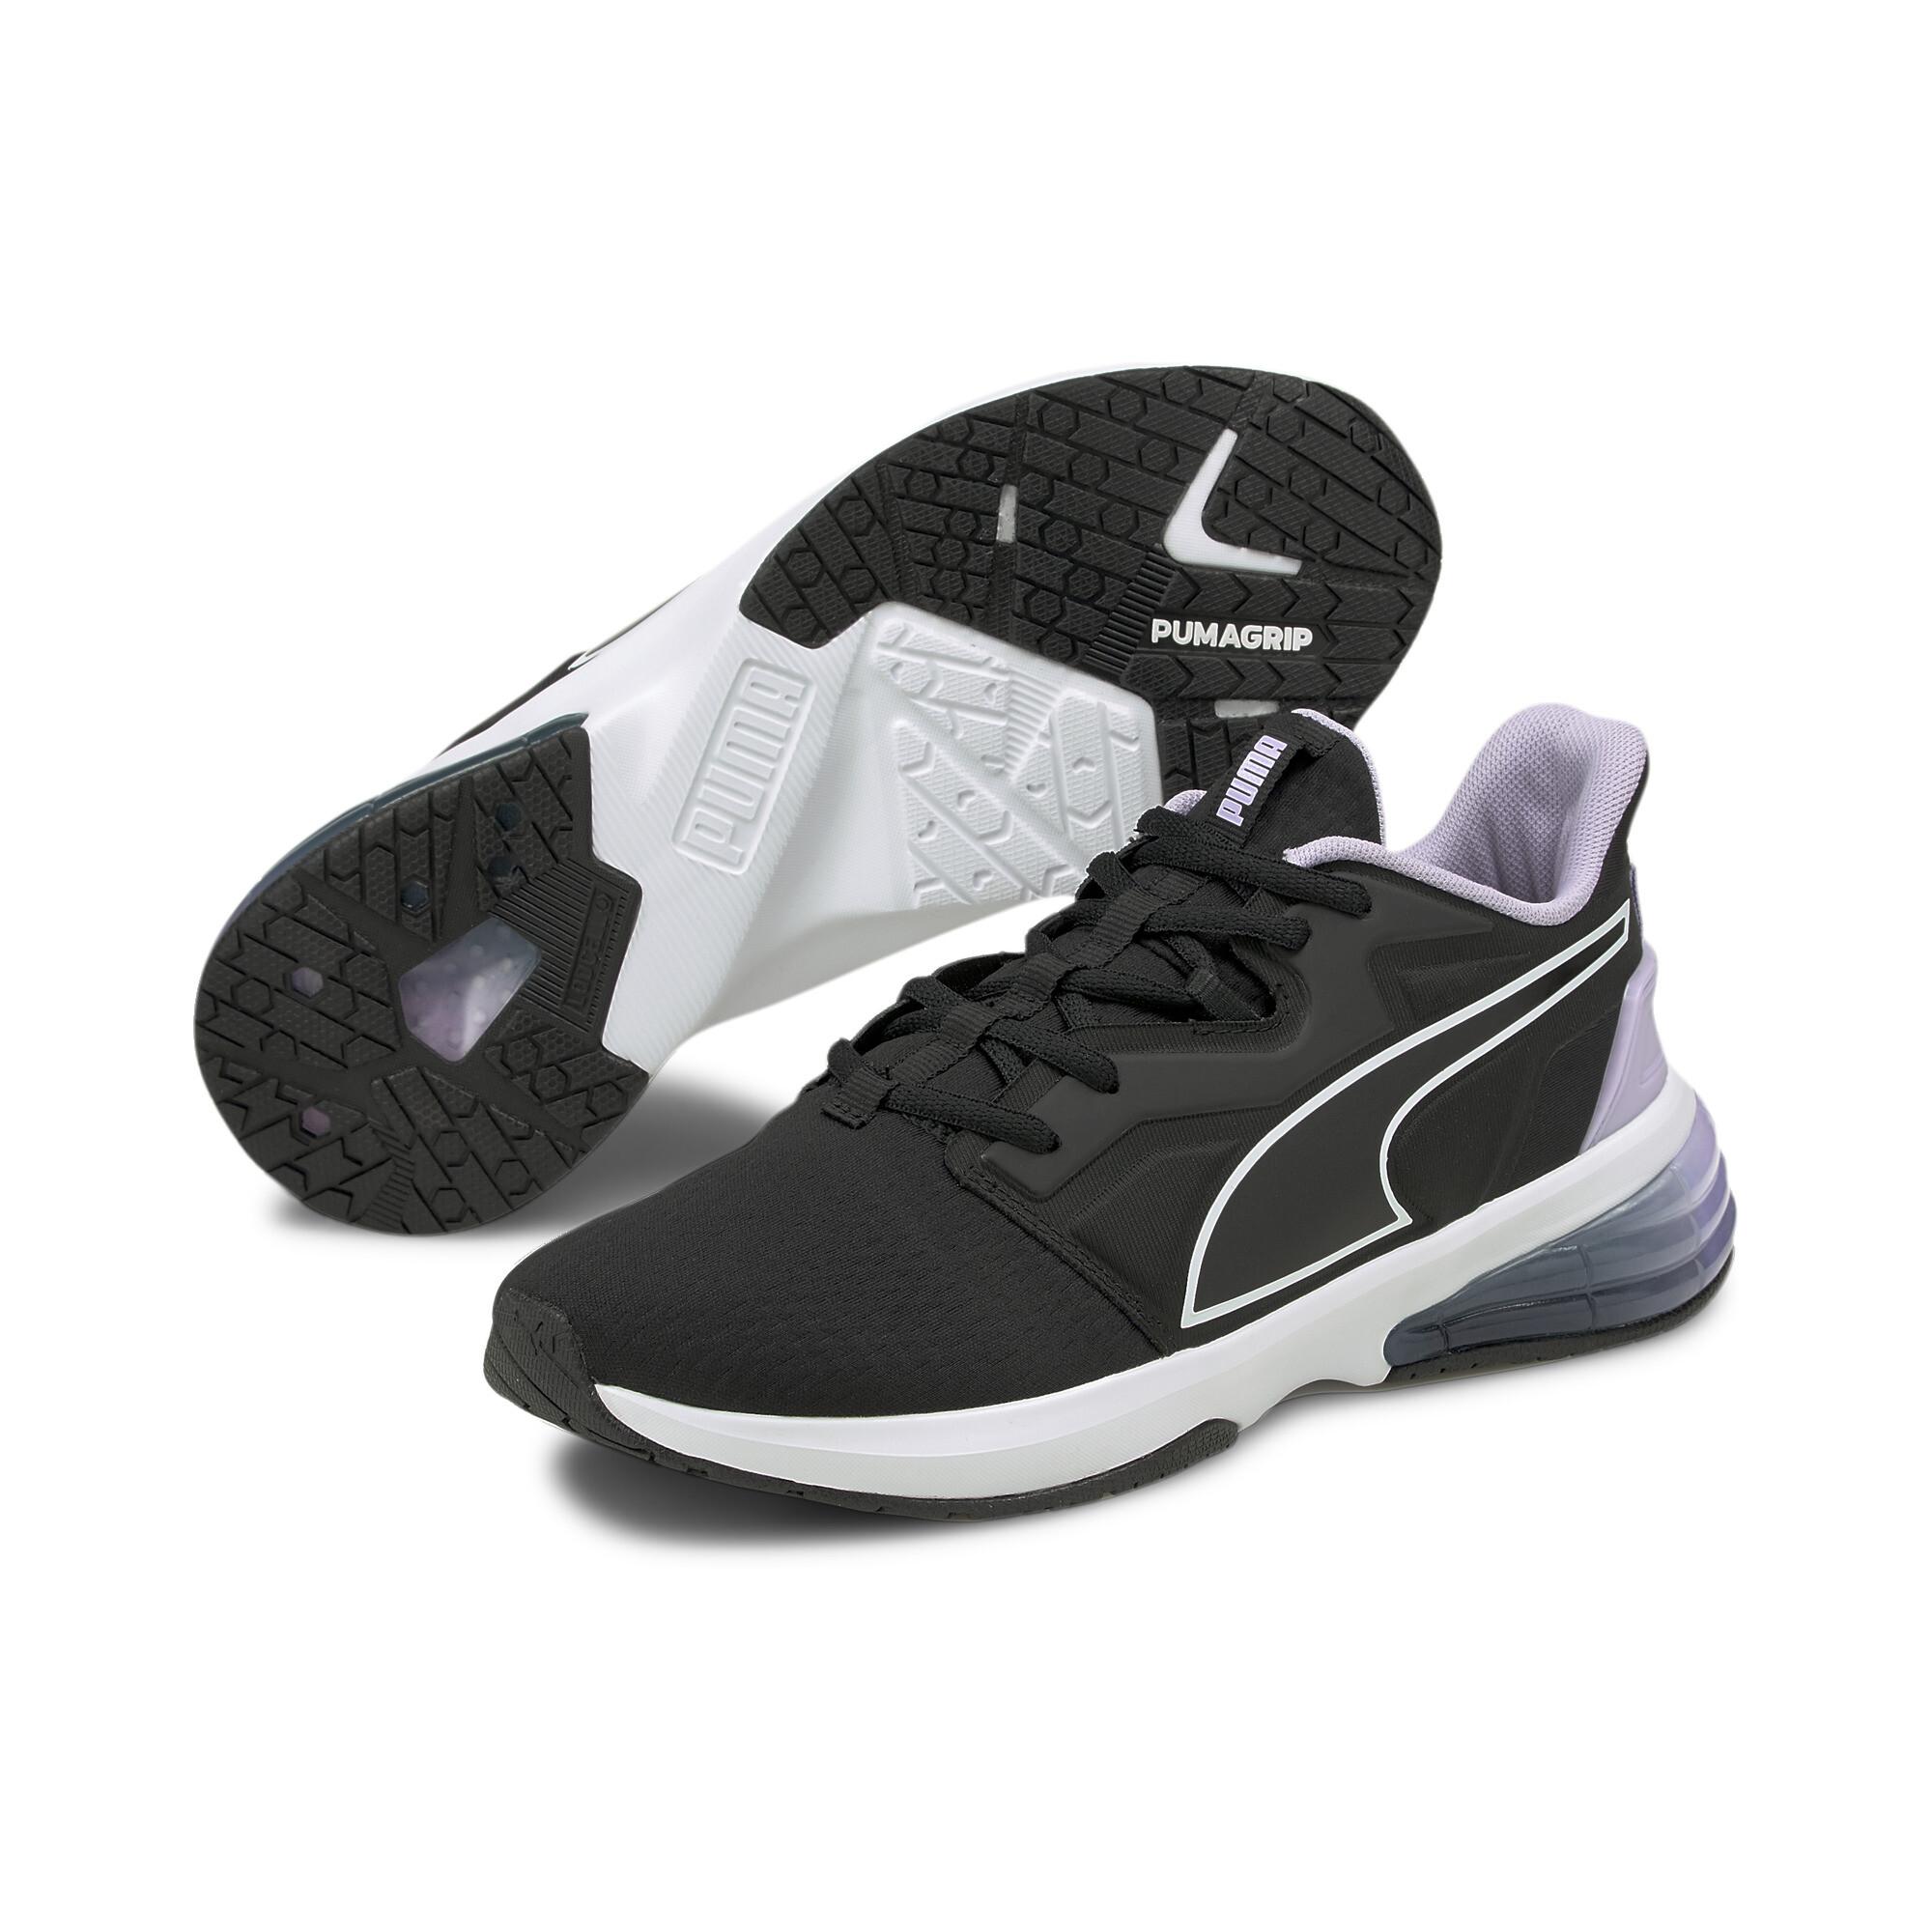 【プーマ公式通販】 プーマ LVL-UP XT ウィメンズ トレーニング シューズ ウィメンズ Puma Black-Light Lavender |PUMA.com